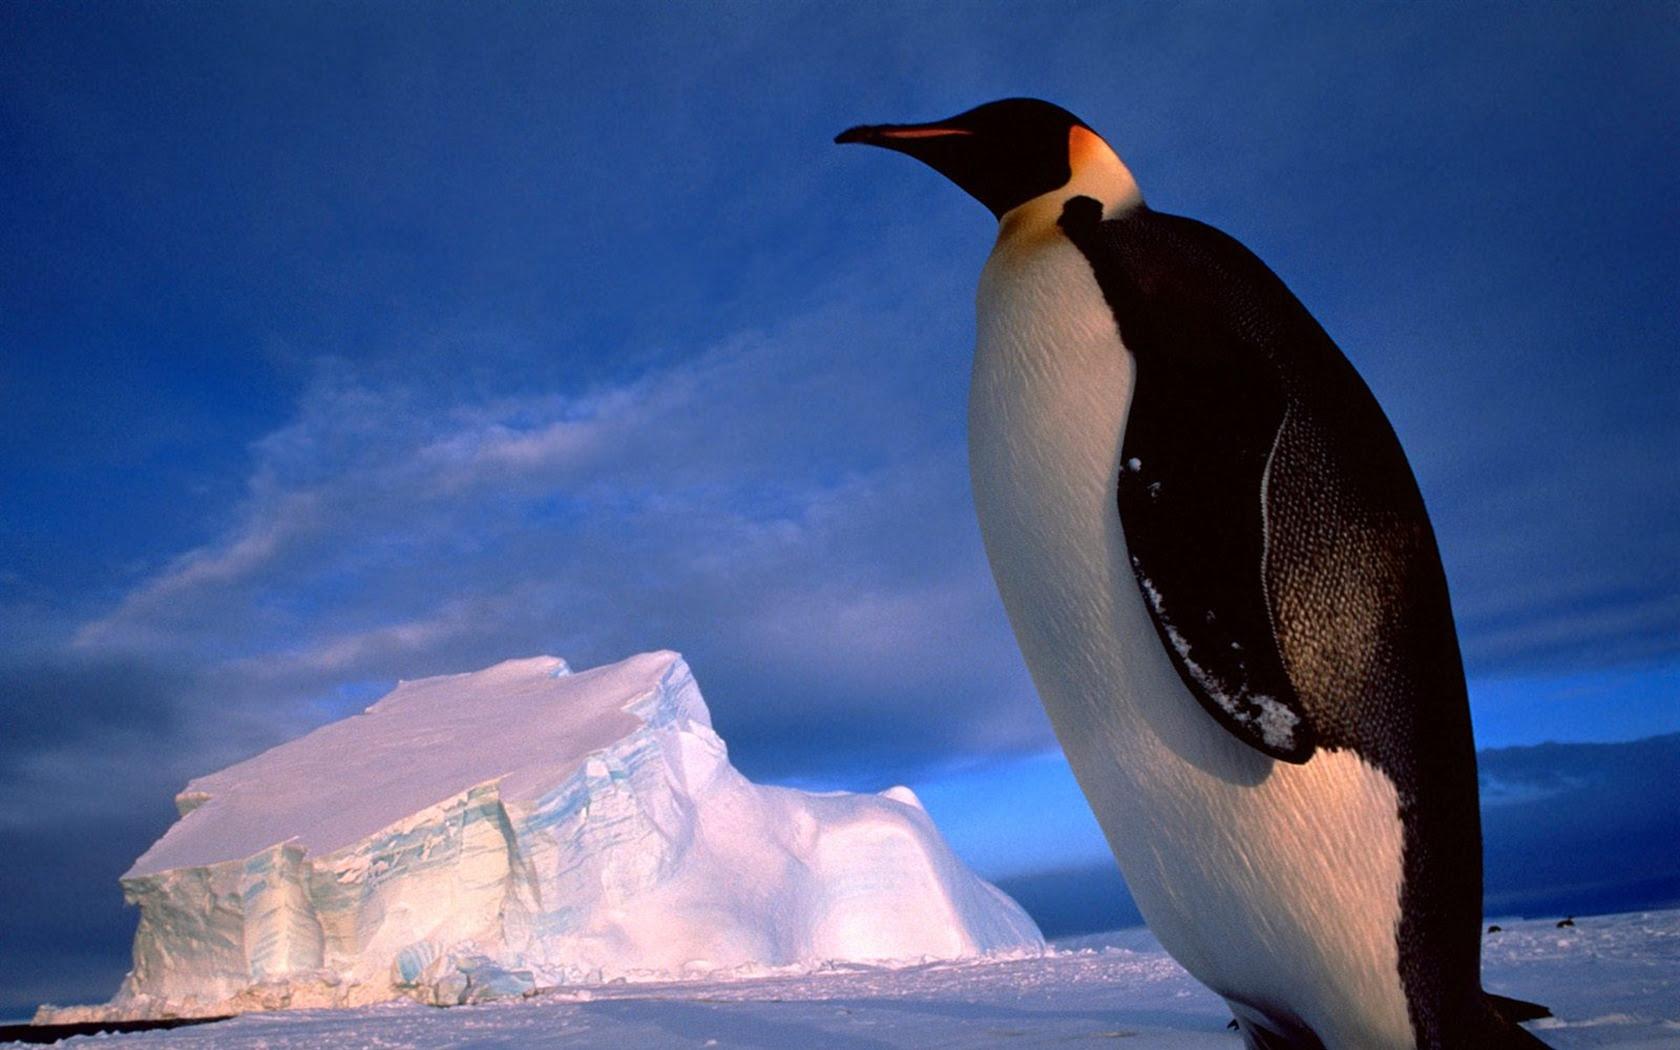 ペンギン写真の壁紙 12 1680x1050 壁紙ダウンロード ペンギン写真